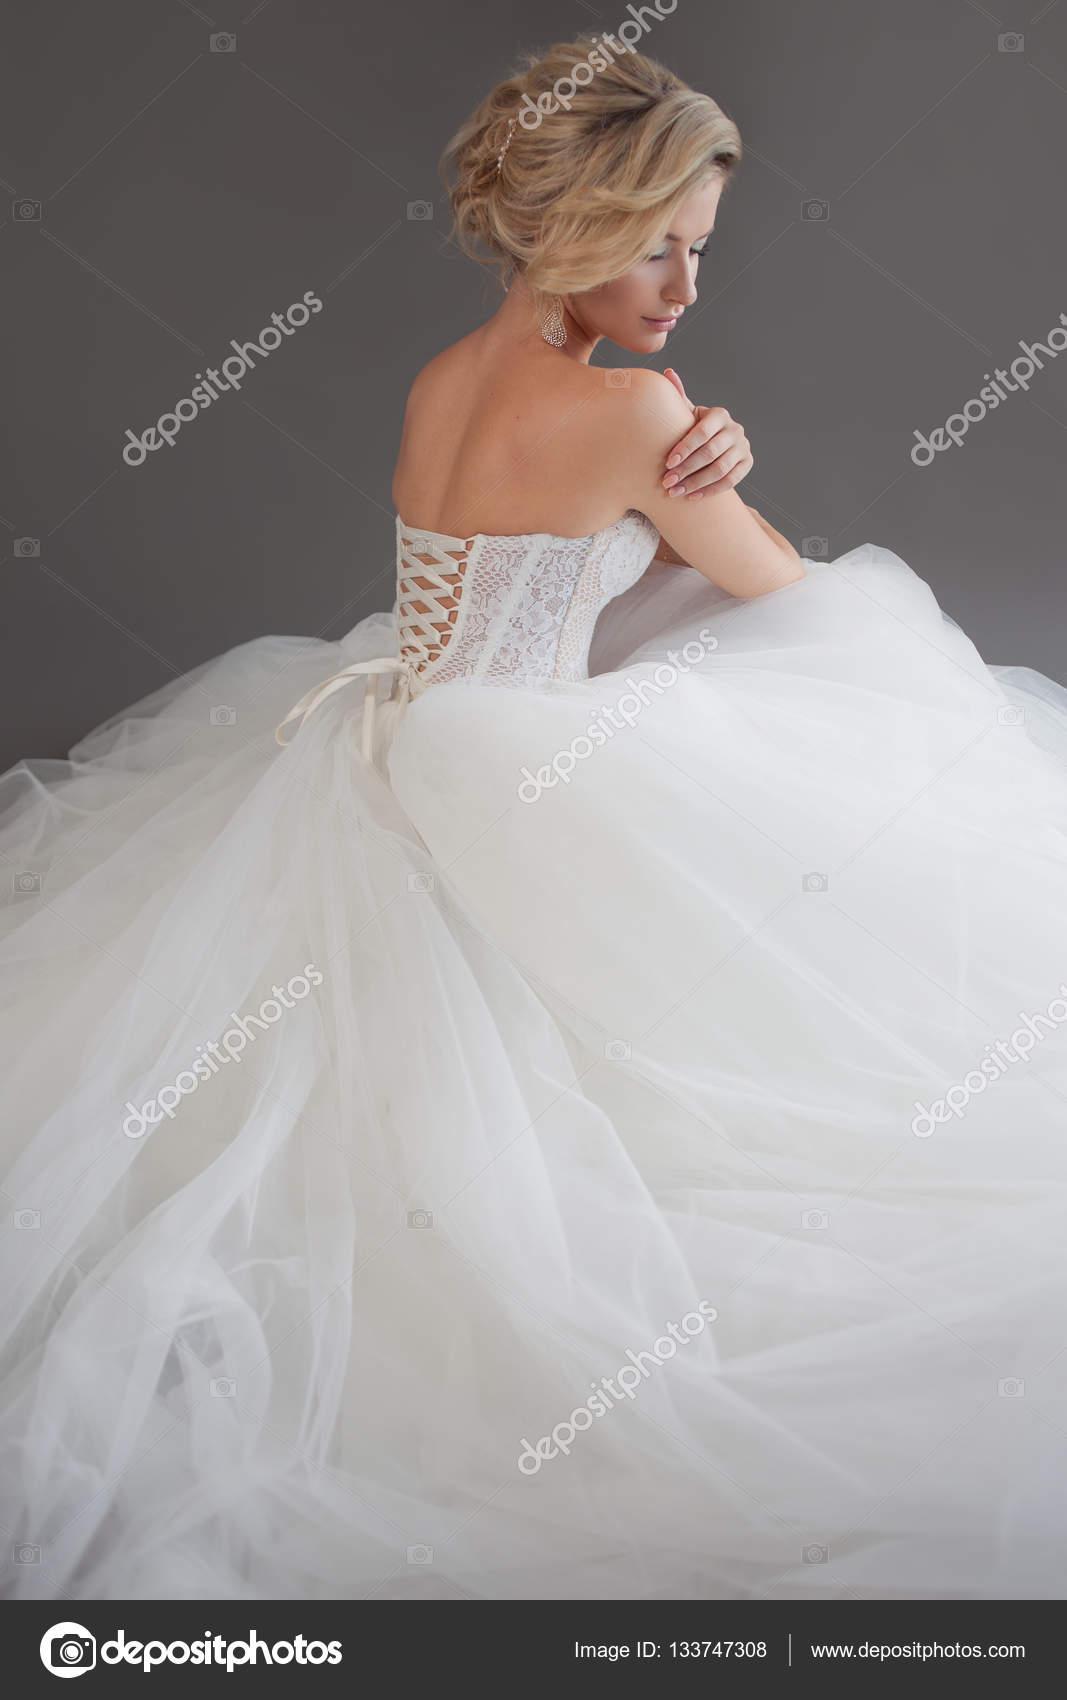 Trouwjurk Grijs Met Wit.Charmante Jonge Bruid In Luxe Trouwjurk Mooi Meisje In Het Wit